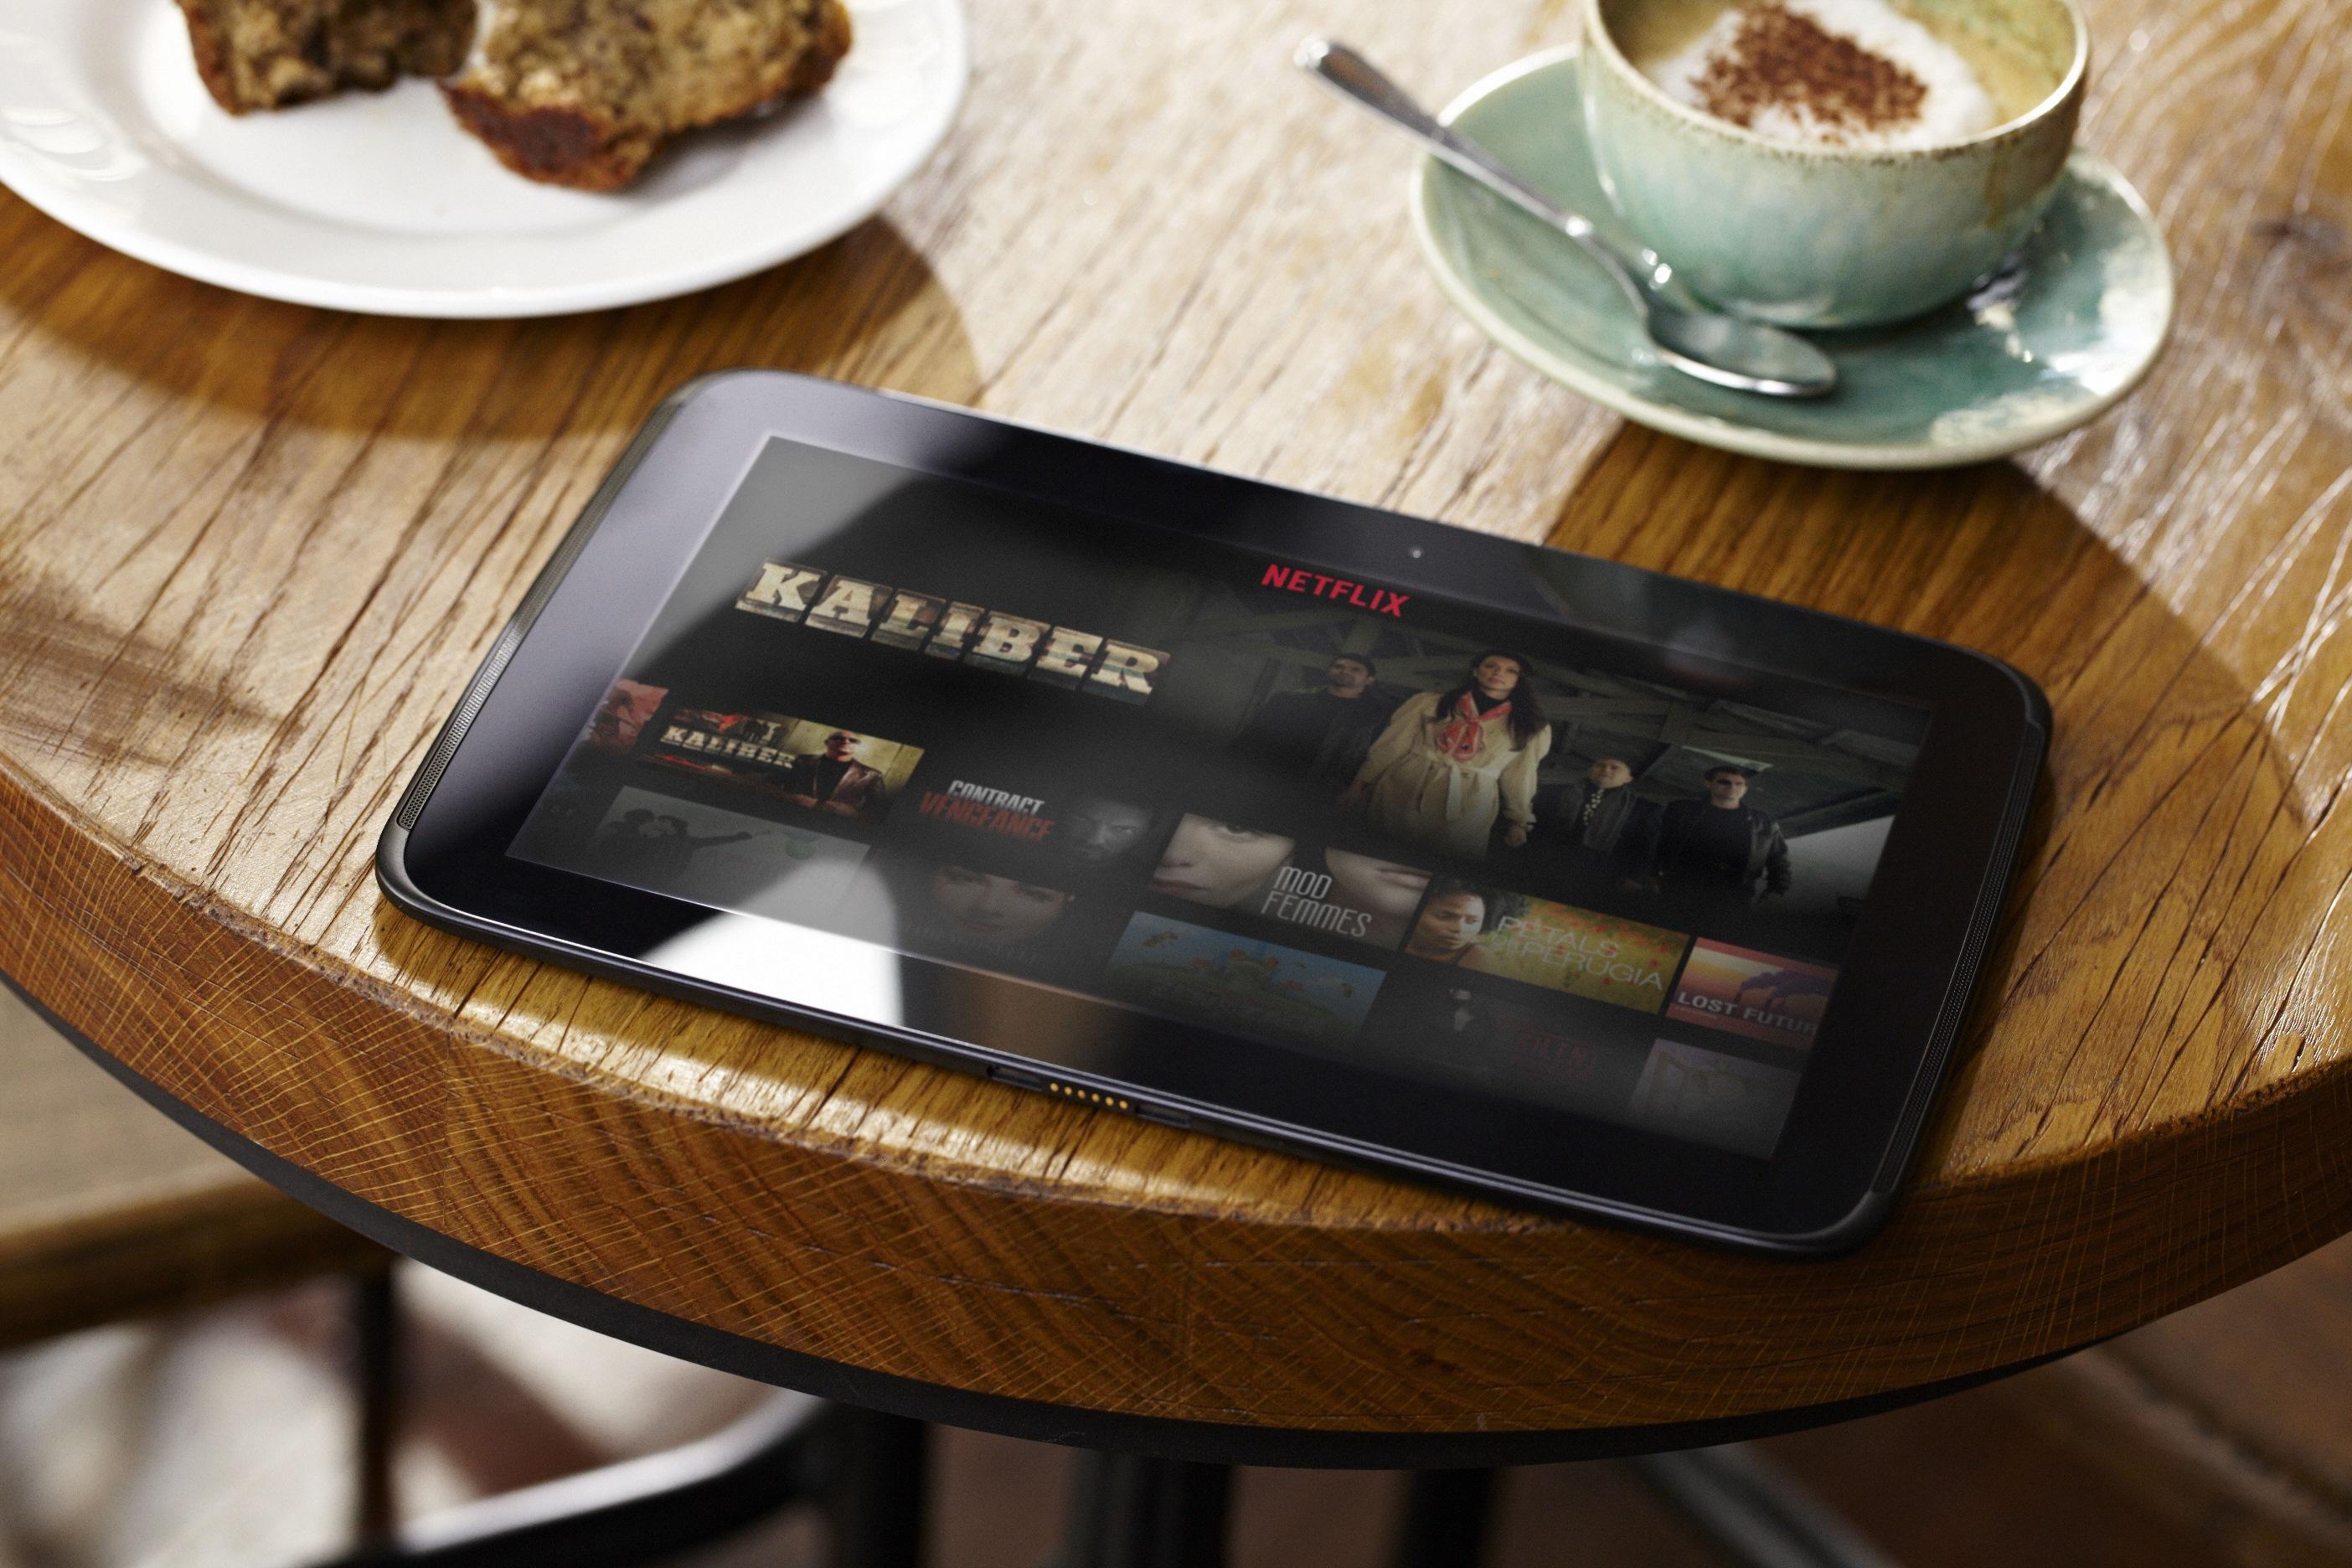 Netflixcafe